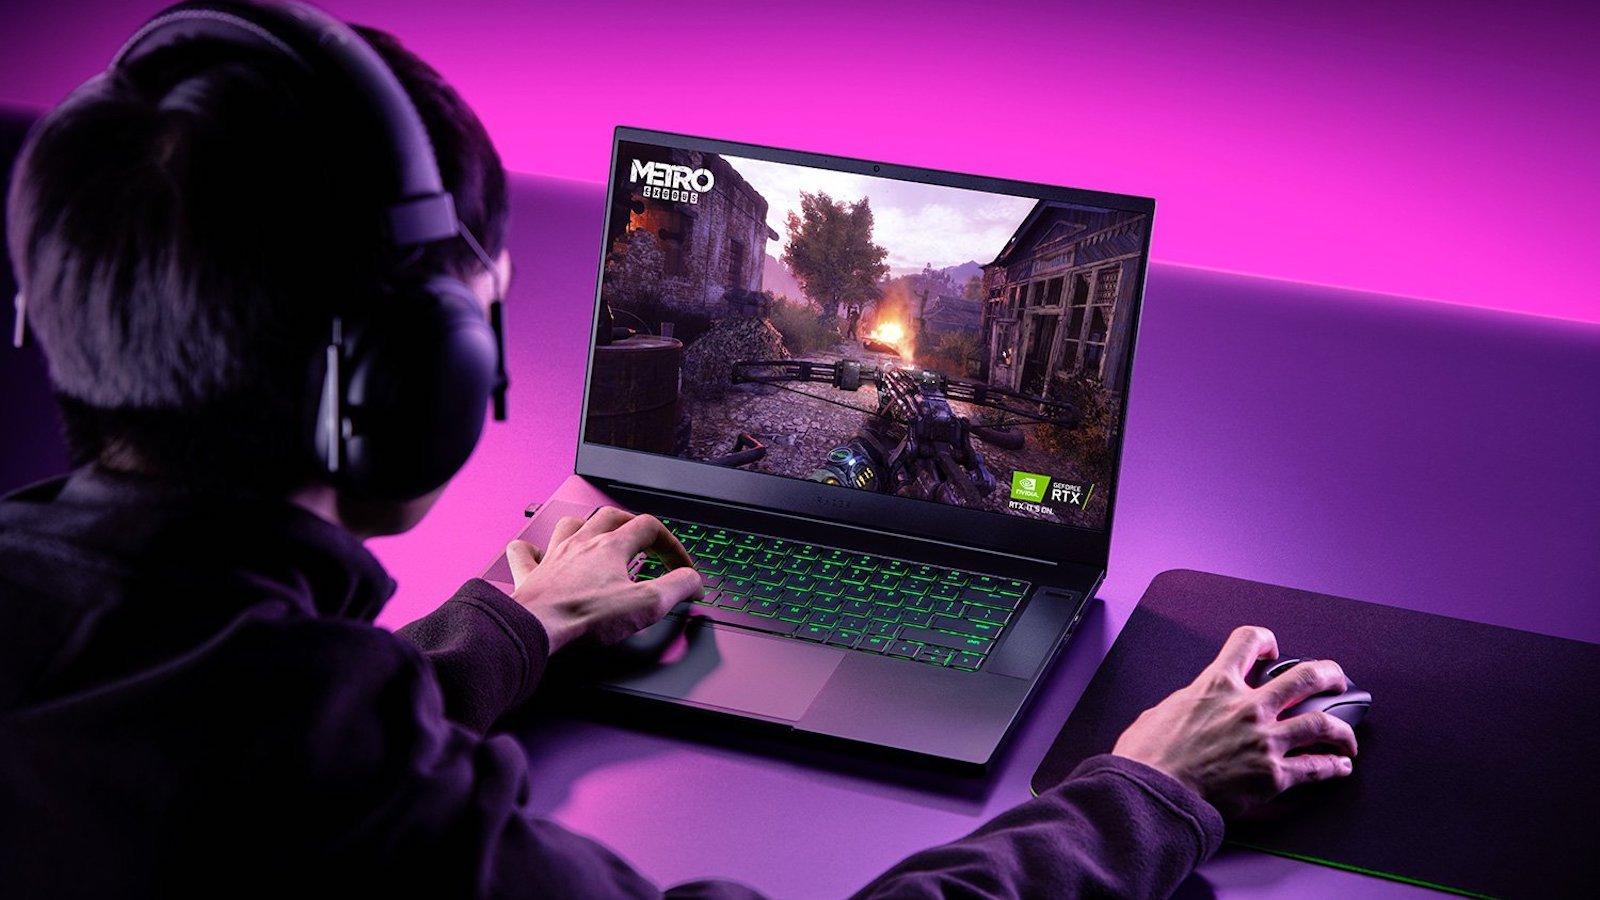 Best gaming laptops under 1500